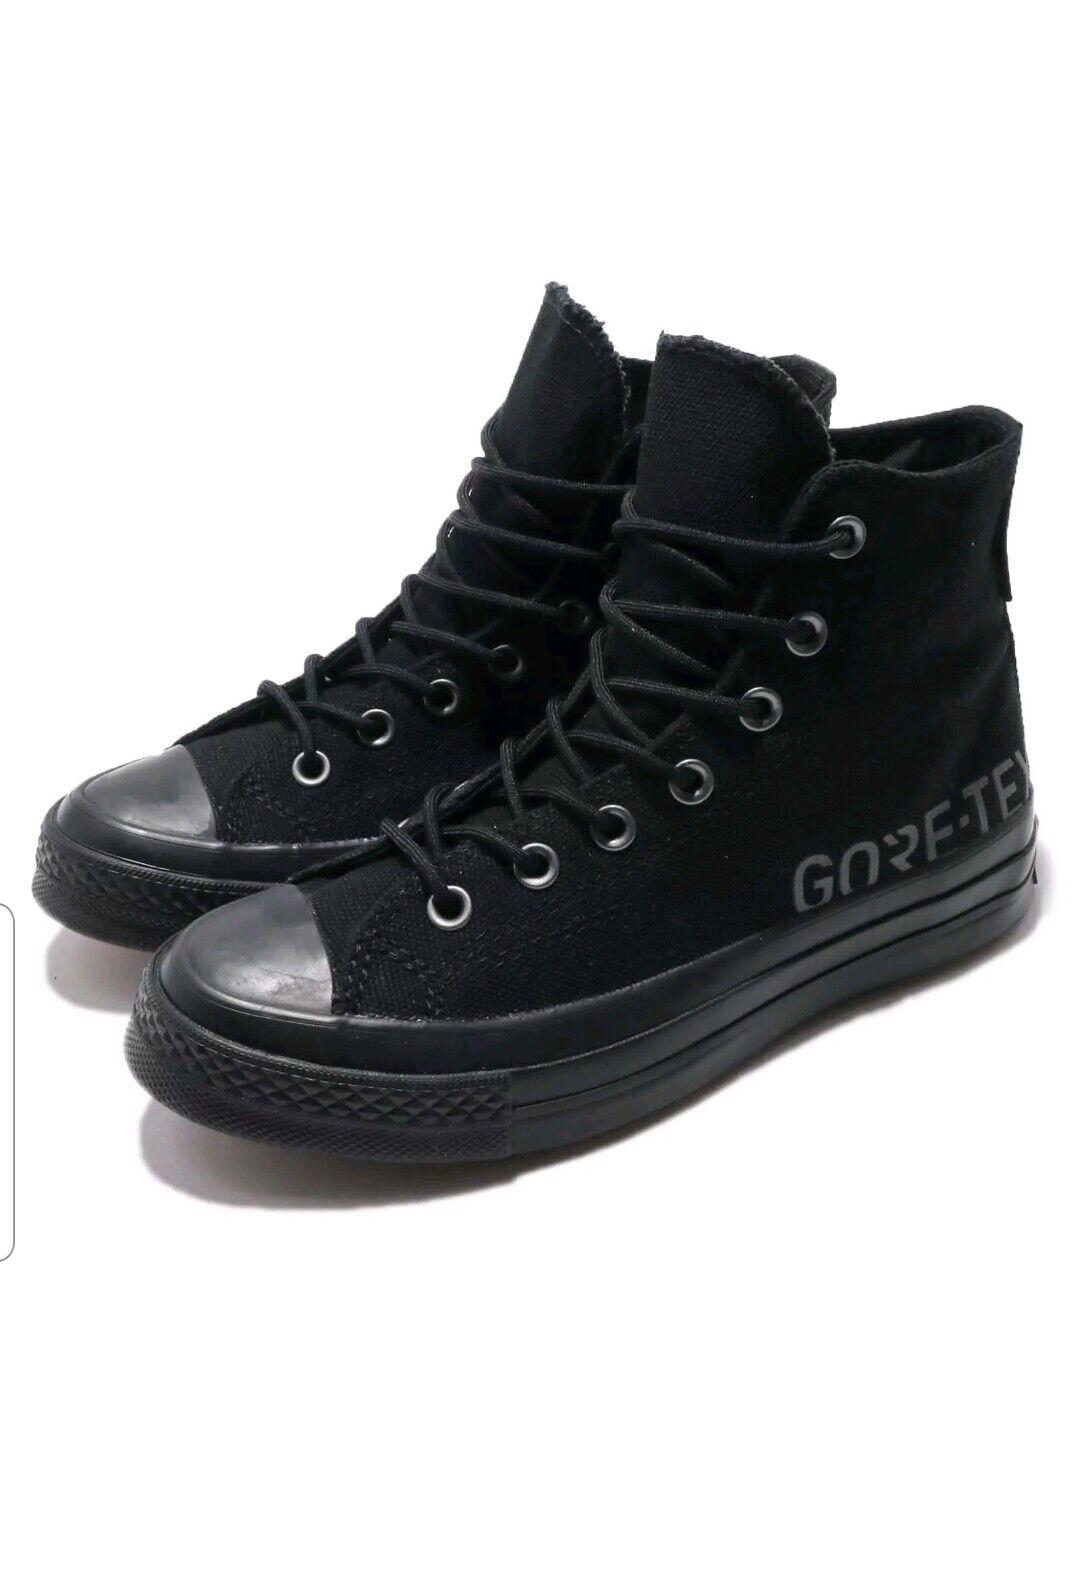 Converse Hi 70 Goretex muchos tamaños tamaños tamaños y Colors 163227c 163229c 163226c 9 9.5 10 a139b3